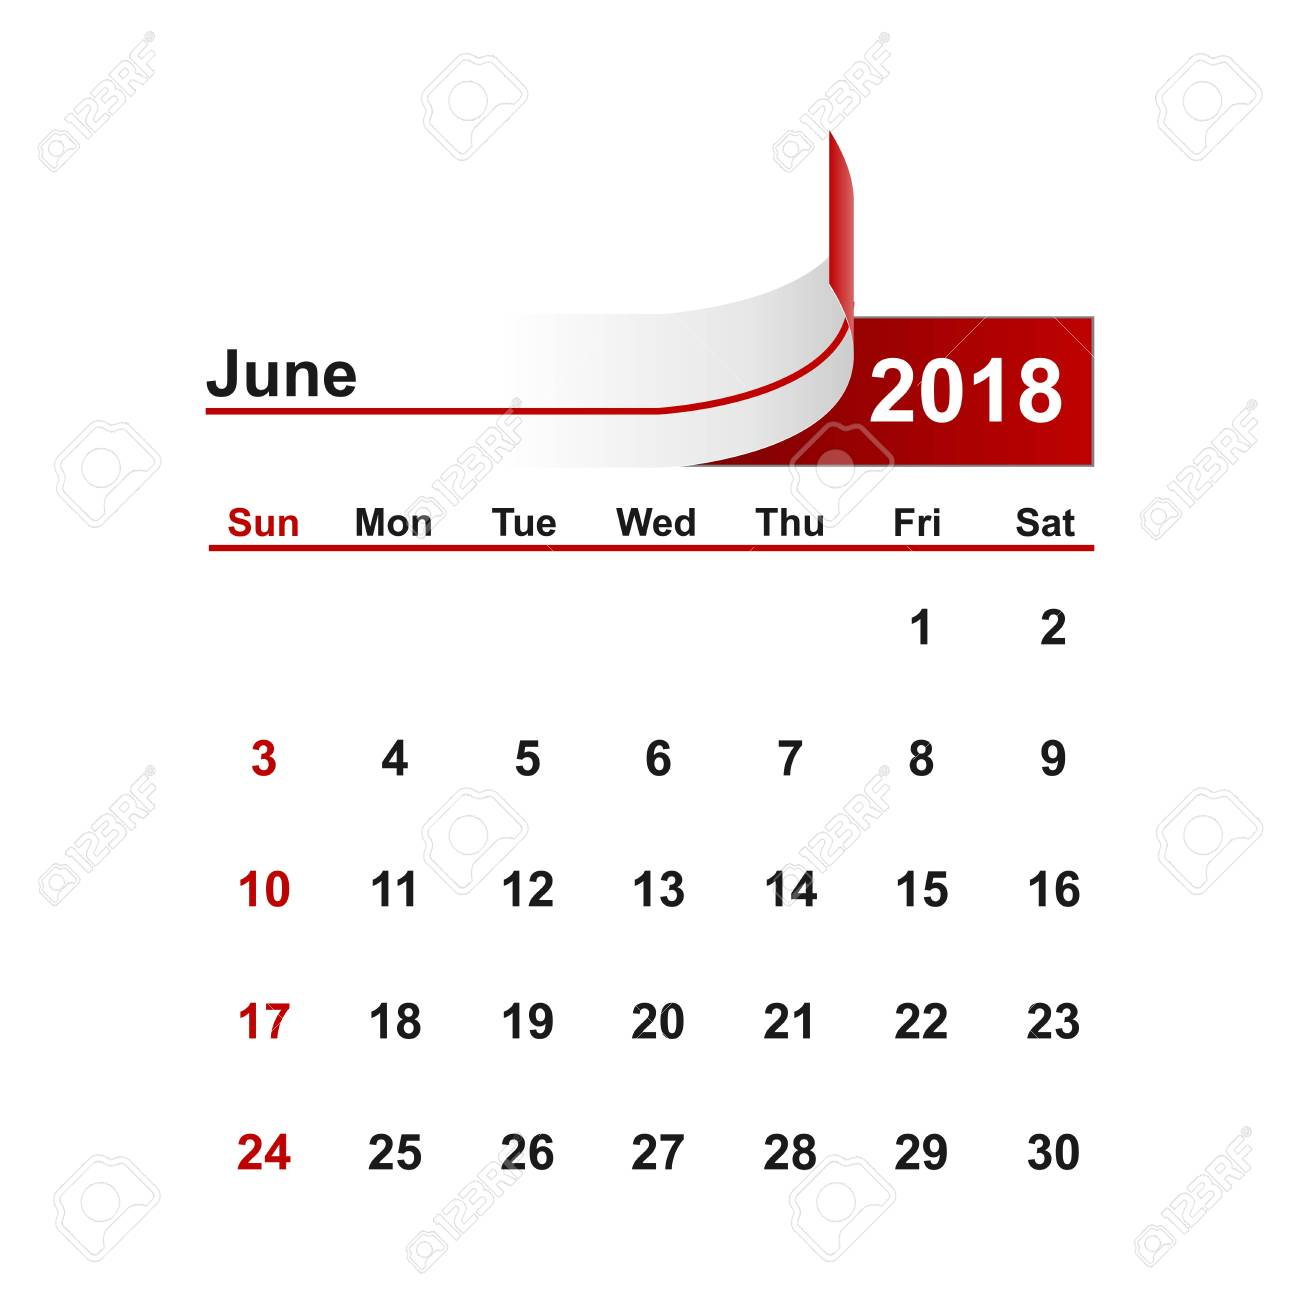 Calendario 2018 Brasil.Vector Simple Calendario 2018 Anos De Junio De Brasil